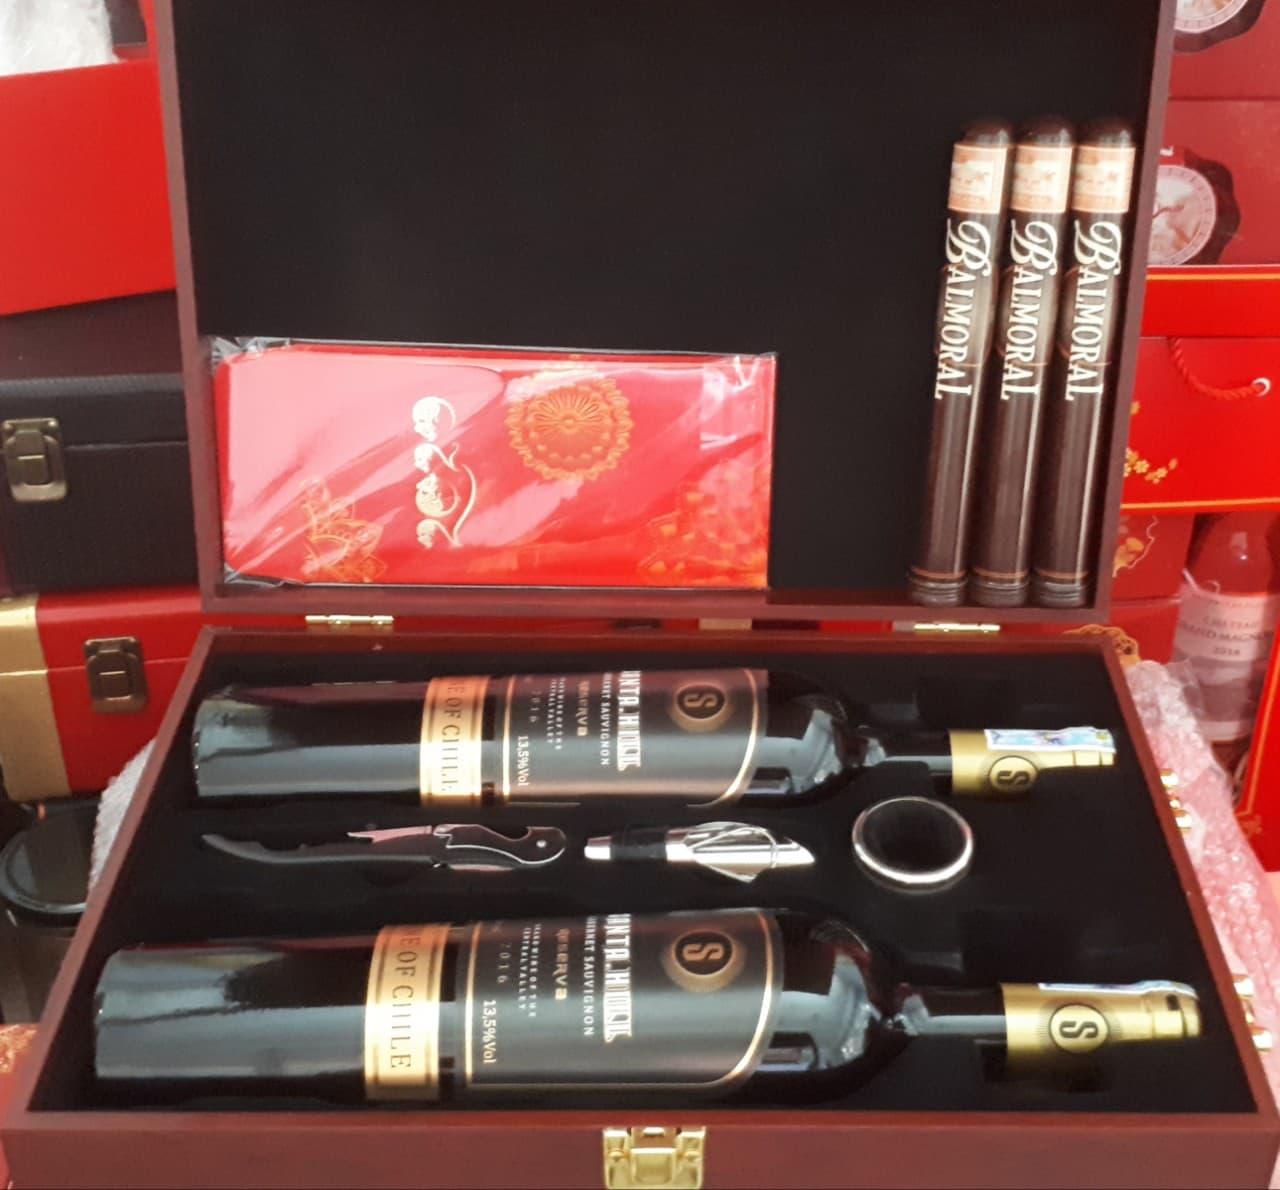 Hộp Quà tết 2 chai rượu vang Chi Lê + 3 đếu Cigar + Bao lì xì0